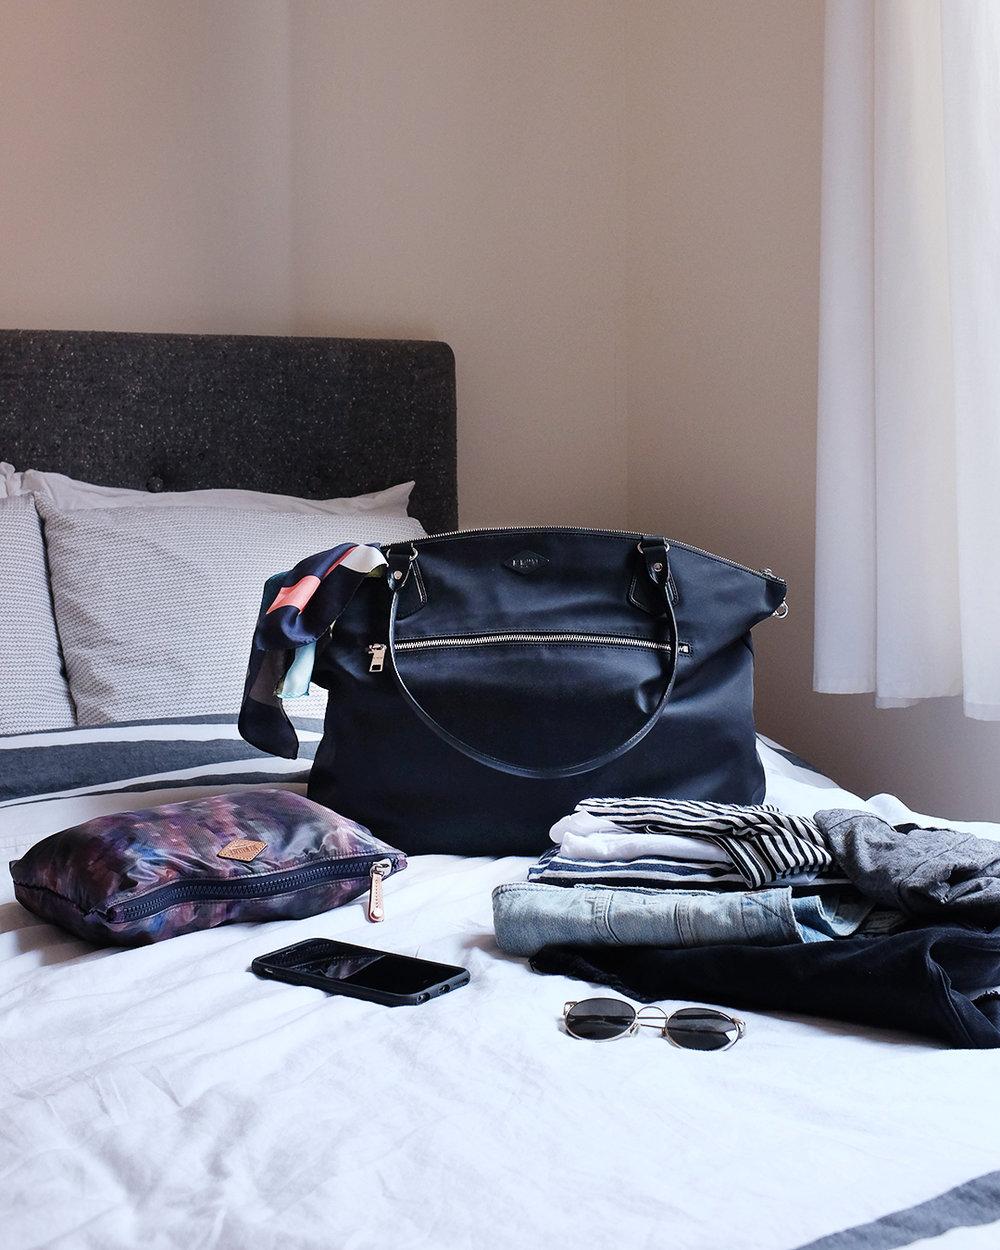 8.6_packingforweekend.jpg